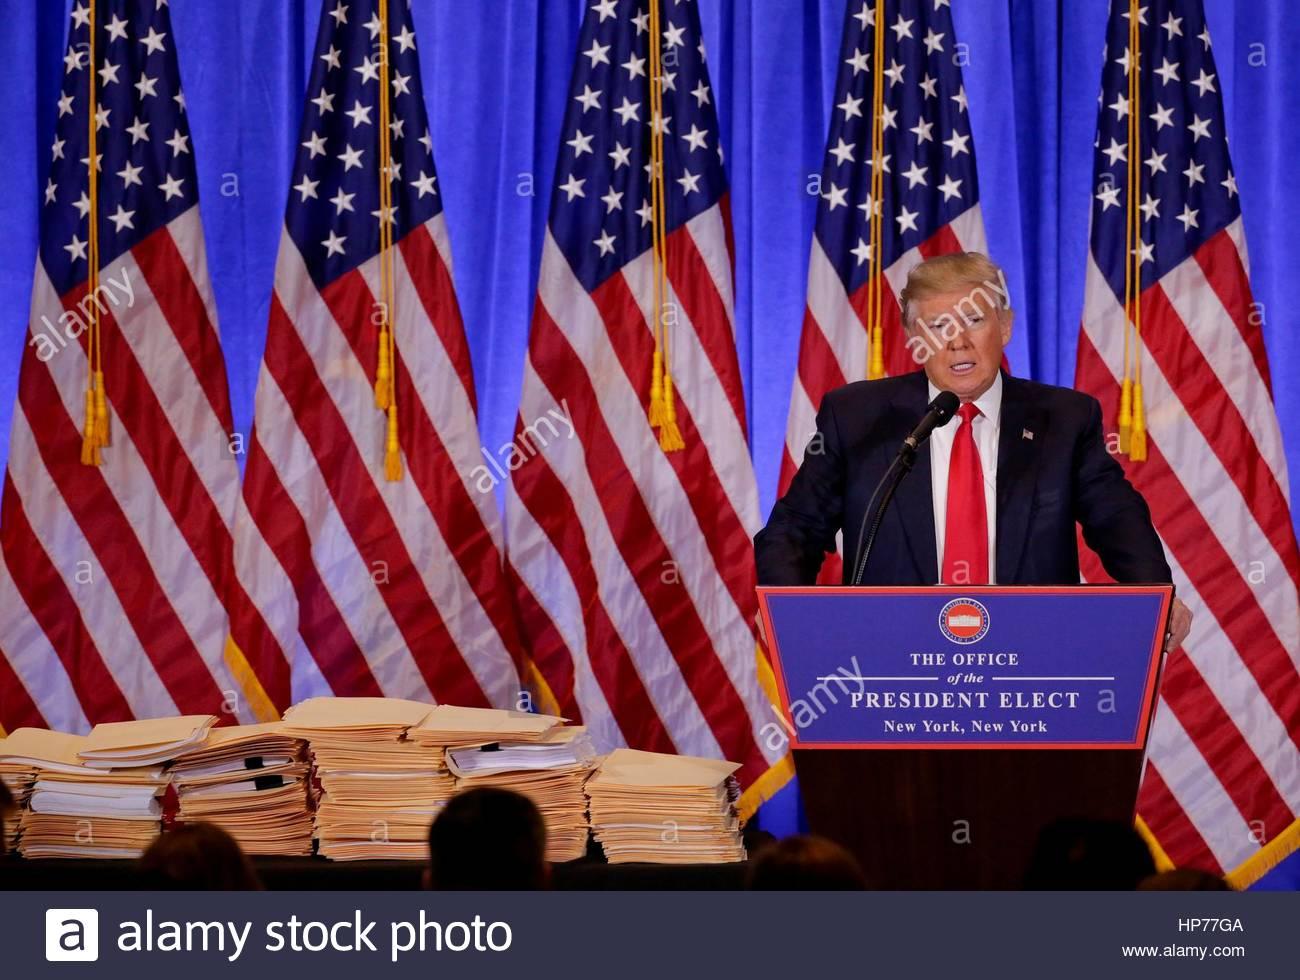 Gewählter Präsident Donald Trump spricht während einer Pressekonferenz, Mittwoch, 11. Januar 2017, Stockbild